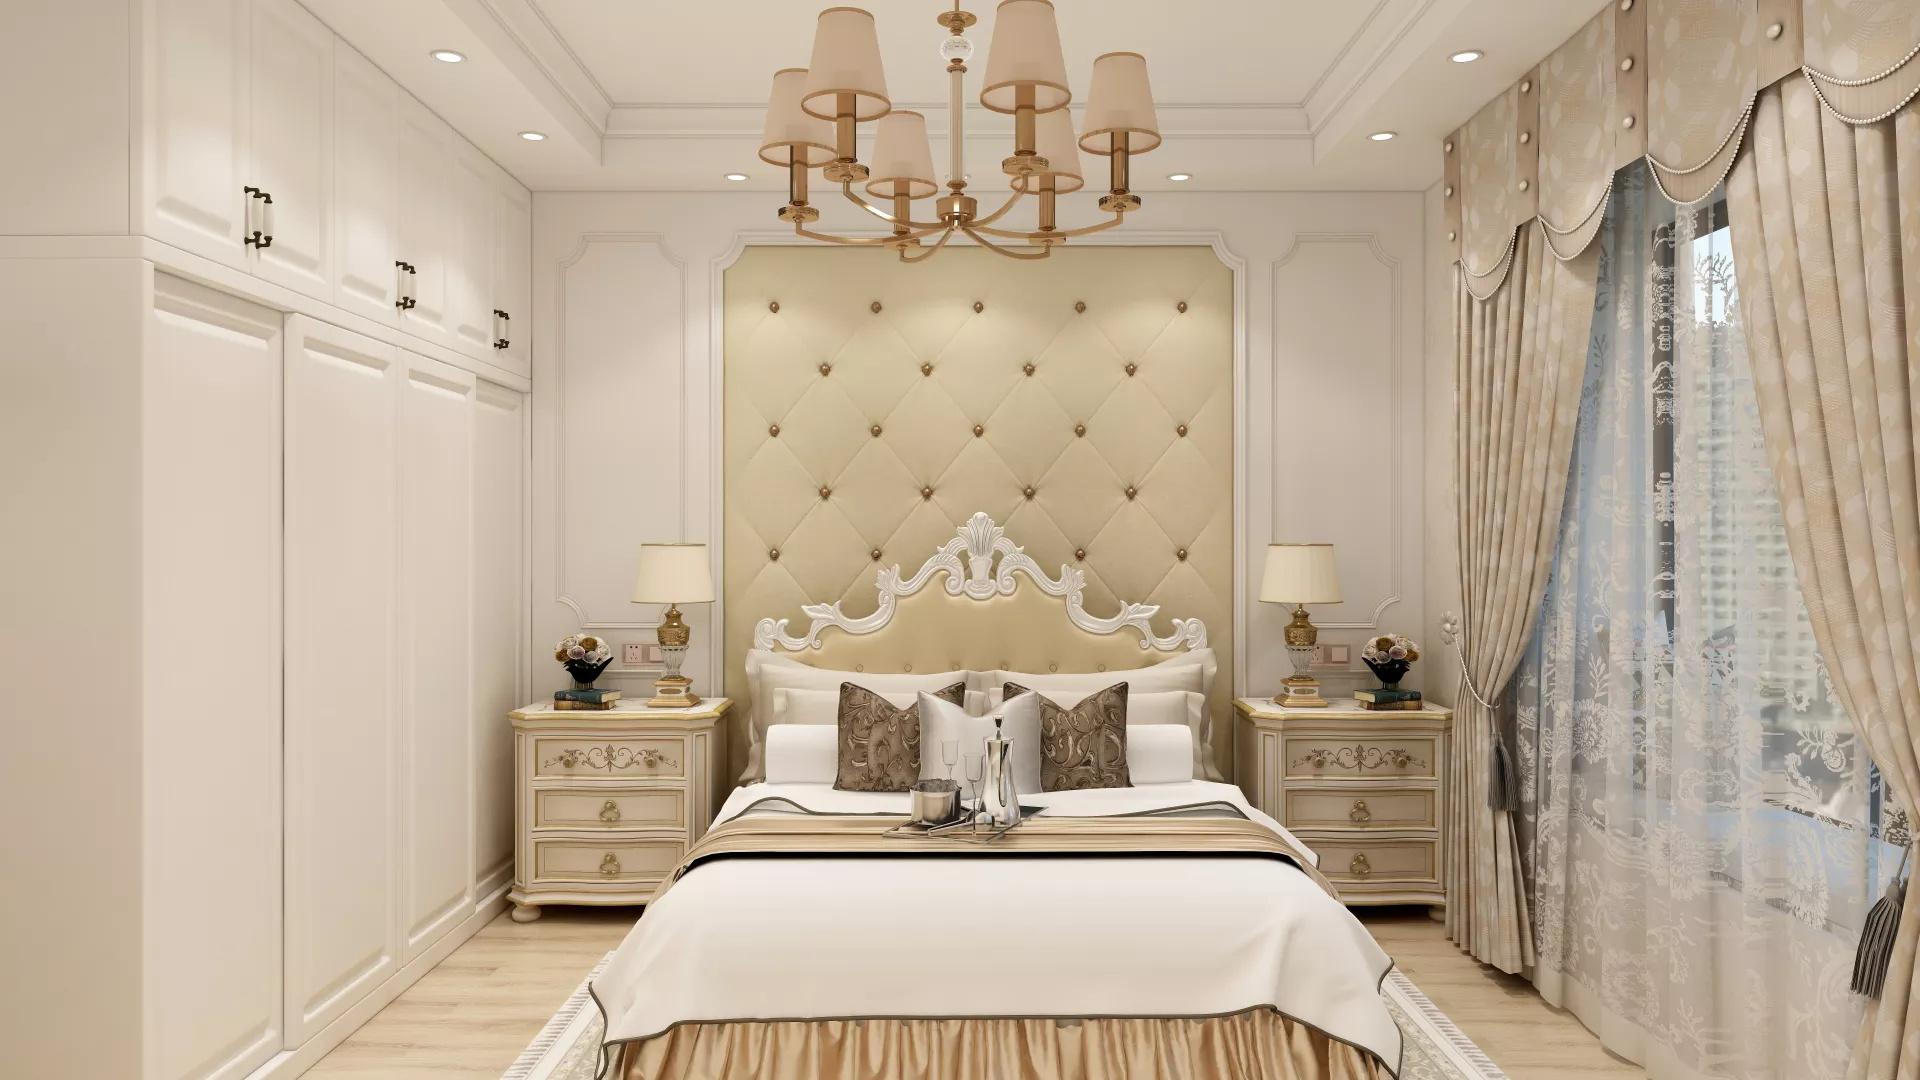 简约小清新风格卧室装修效果图